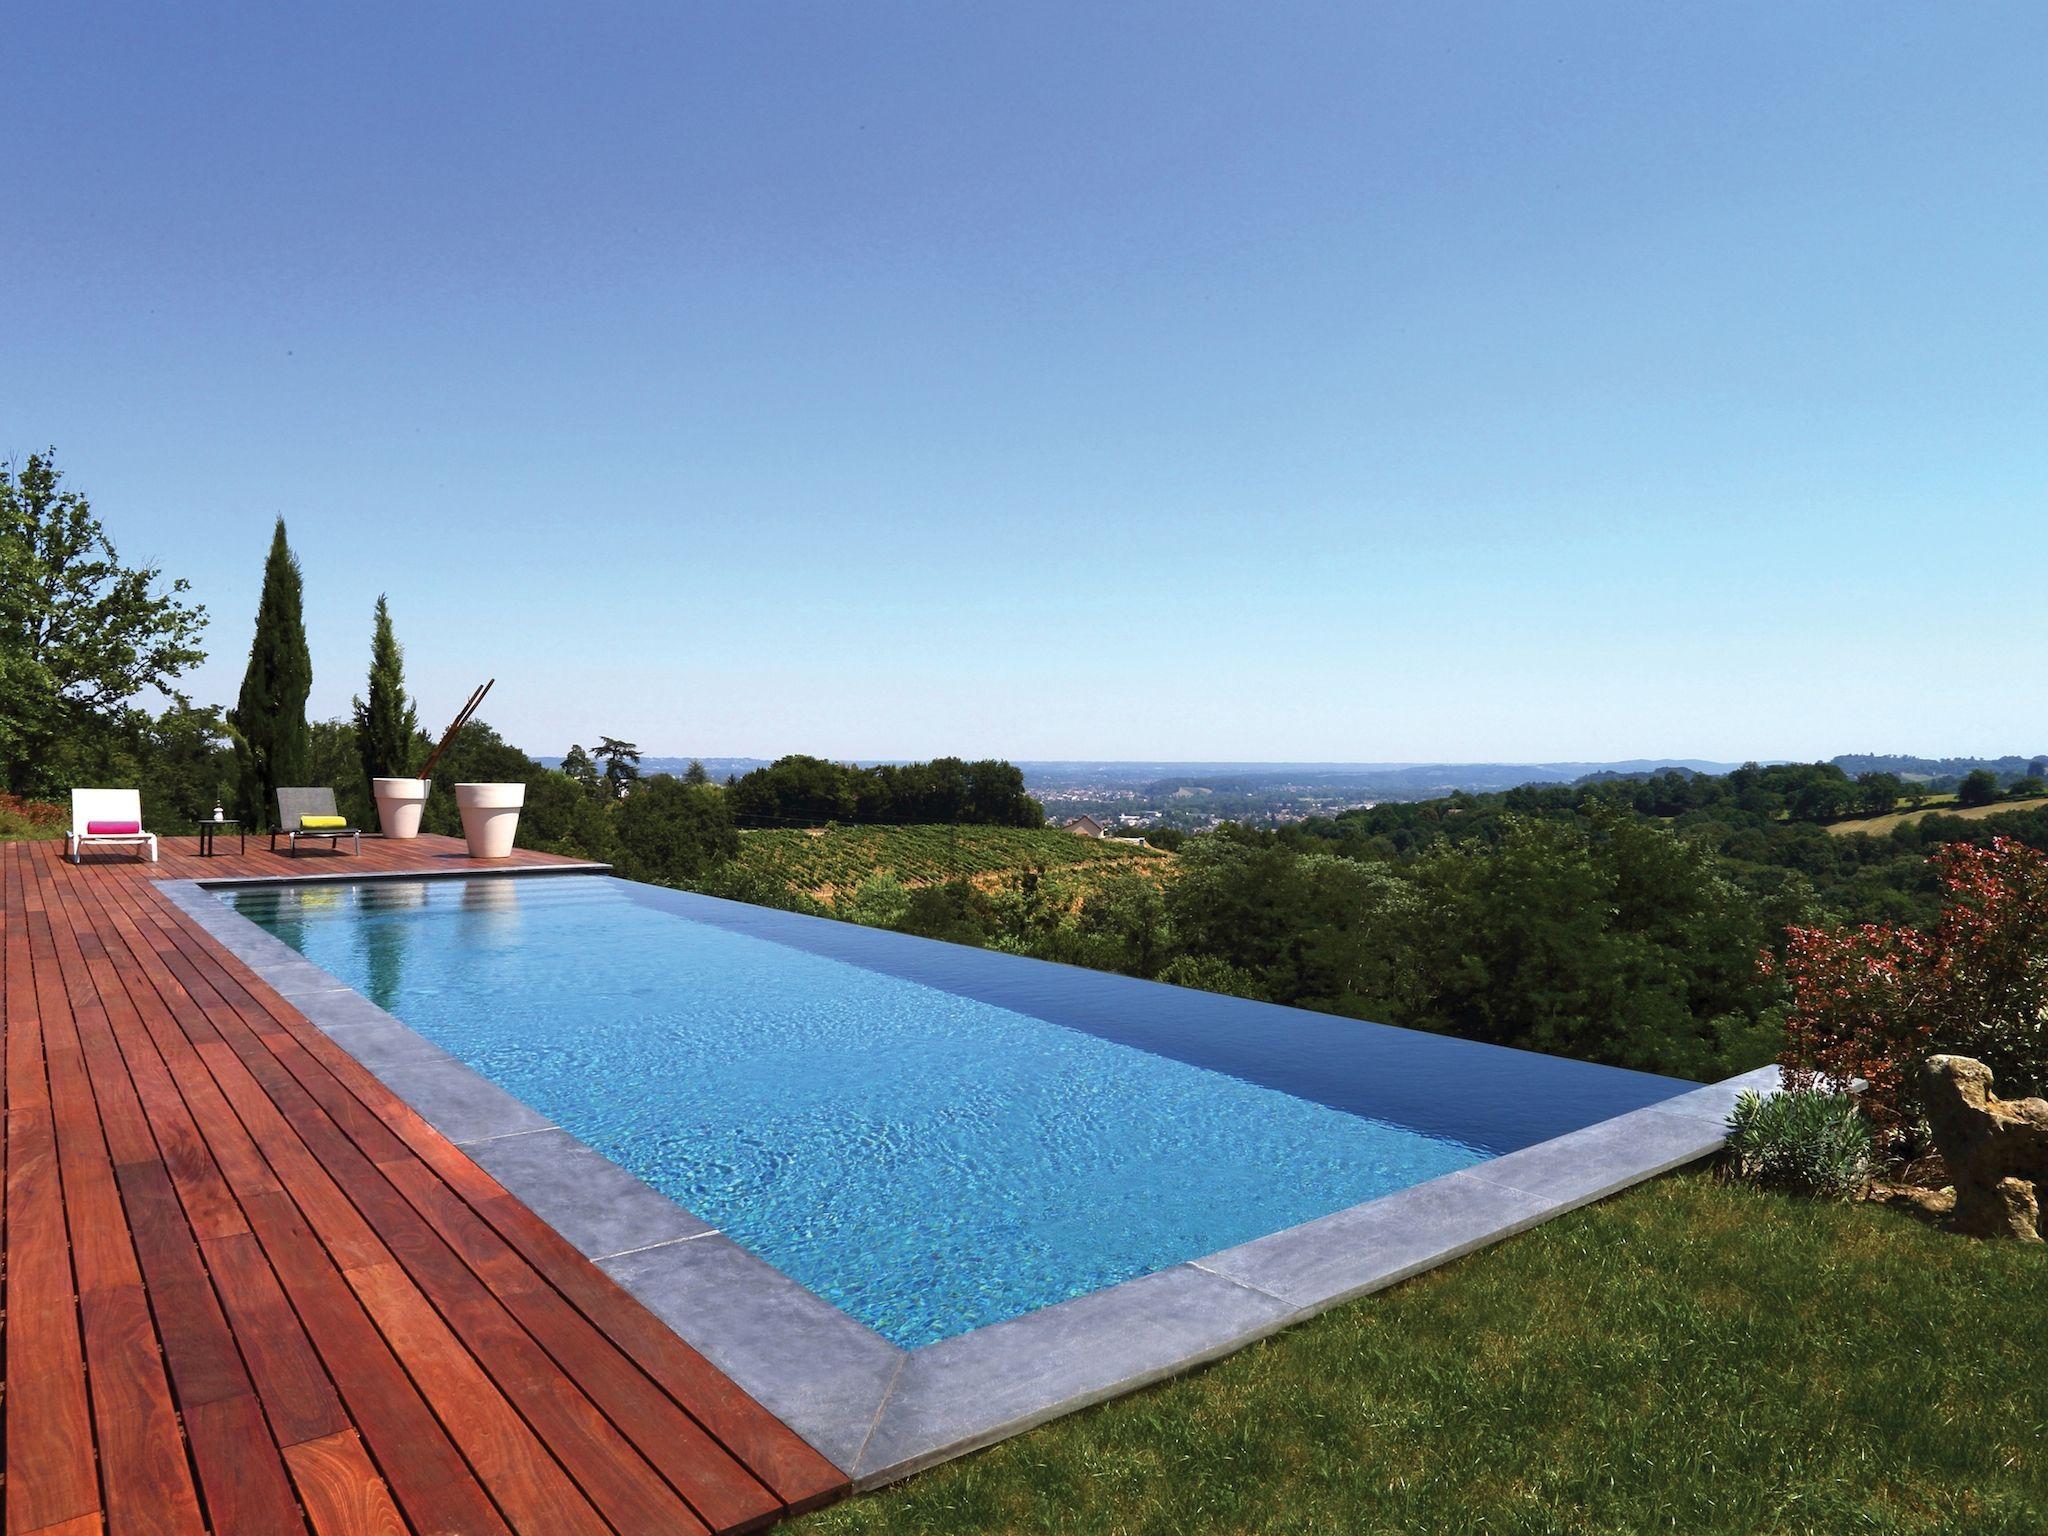 Le d bordement par l 39 esprit piscine 12 5 x 4 m for Sims 4 piscine a debordement